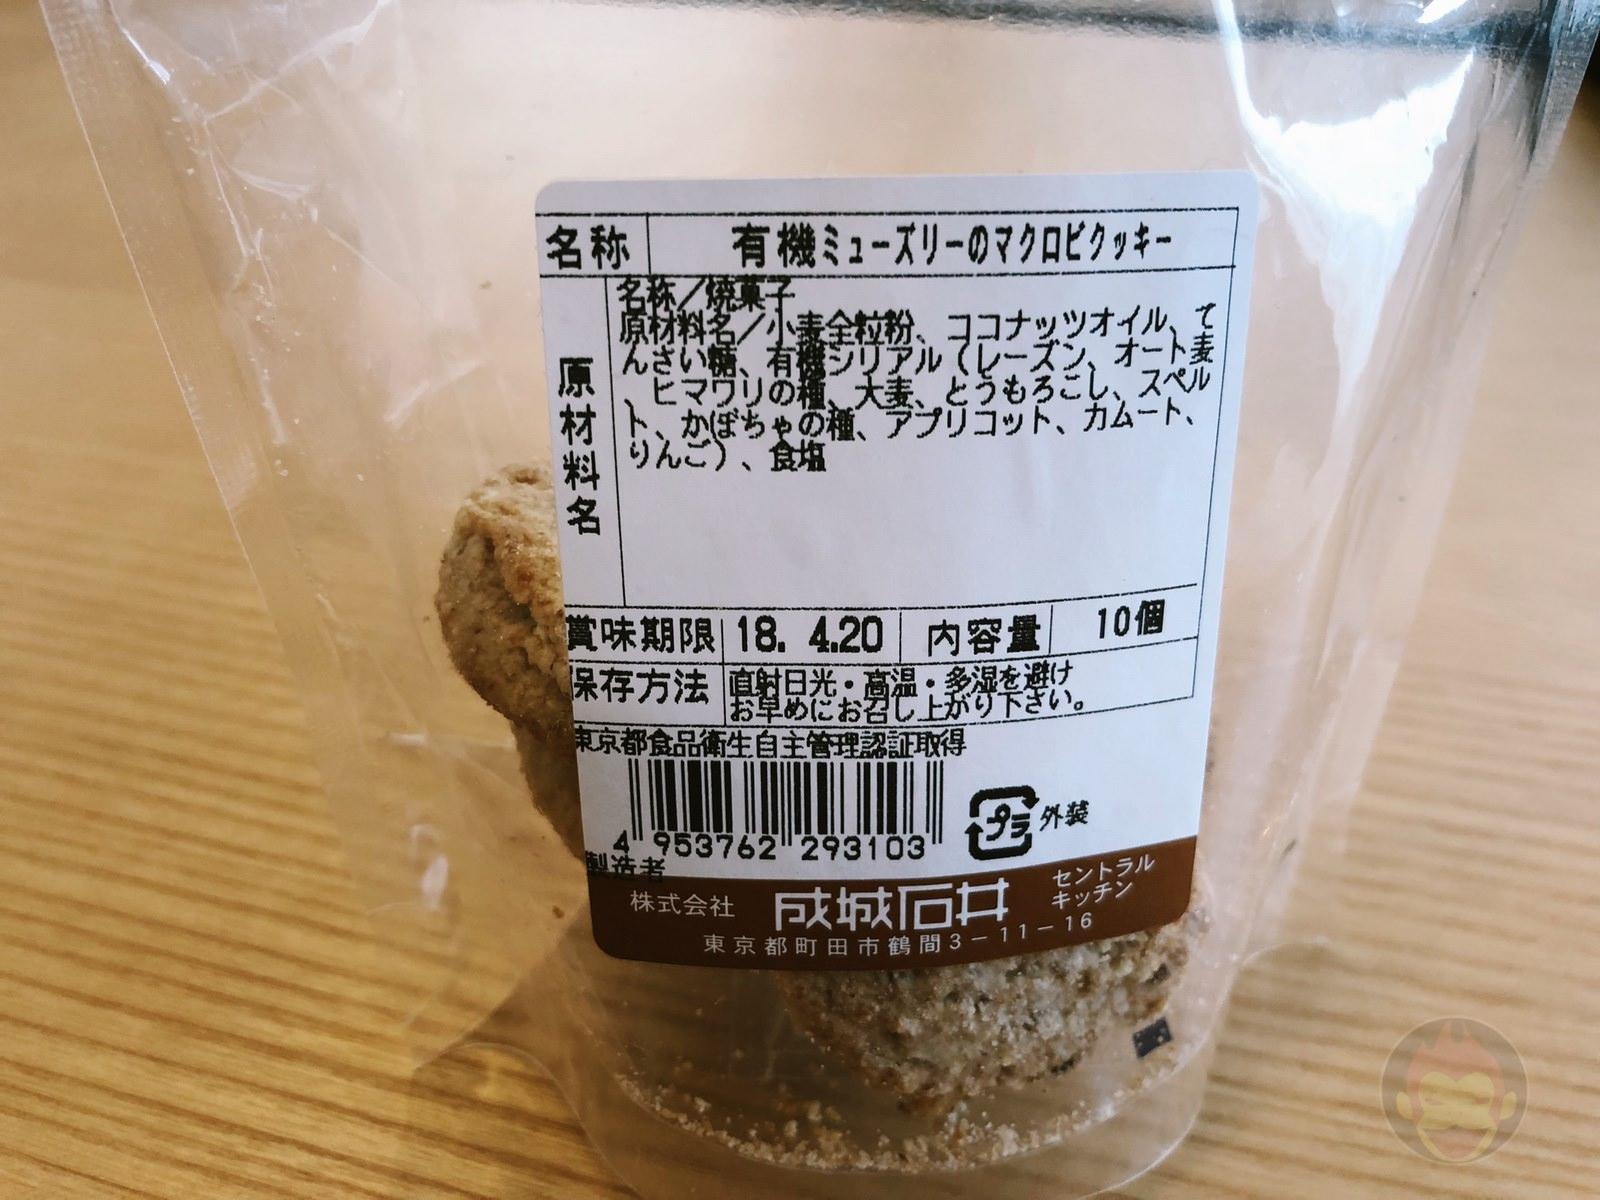 Seijo-ishii-Muesli-Cookies-02.jpg